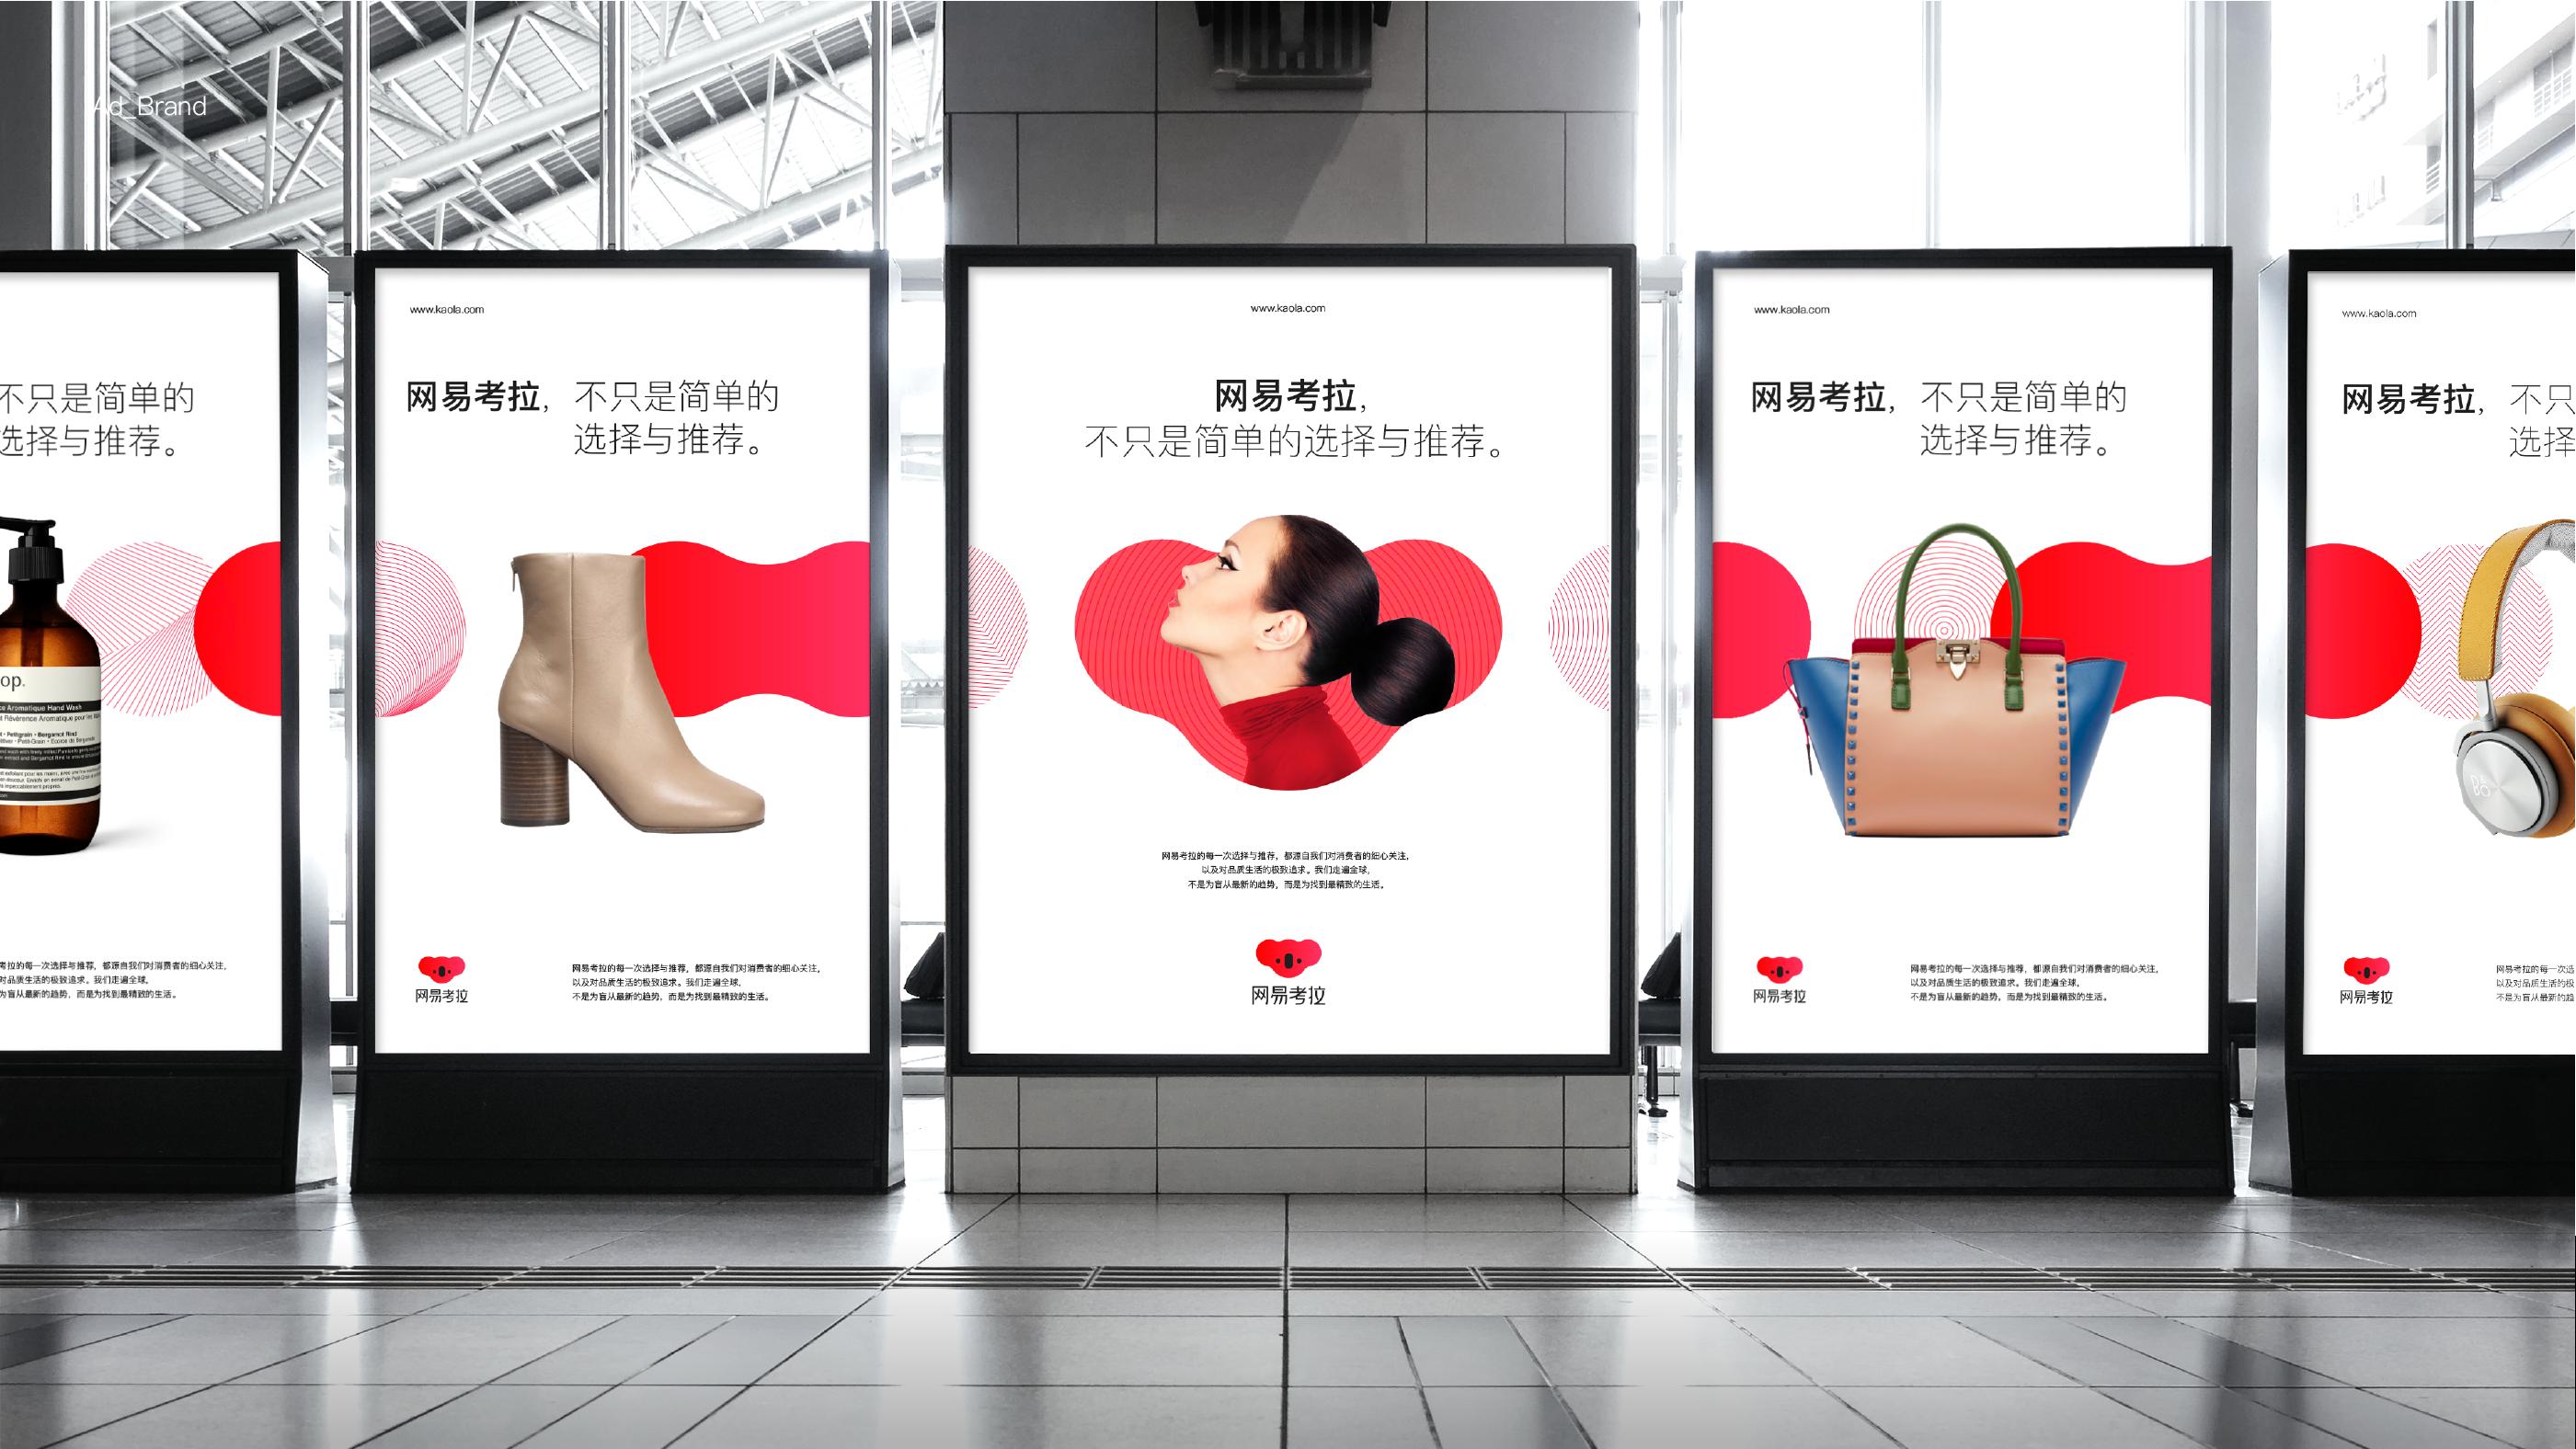 全球资讯_网易考拉品牌体验设计 - 视觉同盟(VisionUnion.com)